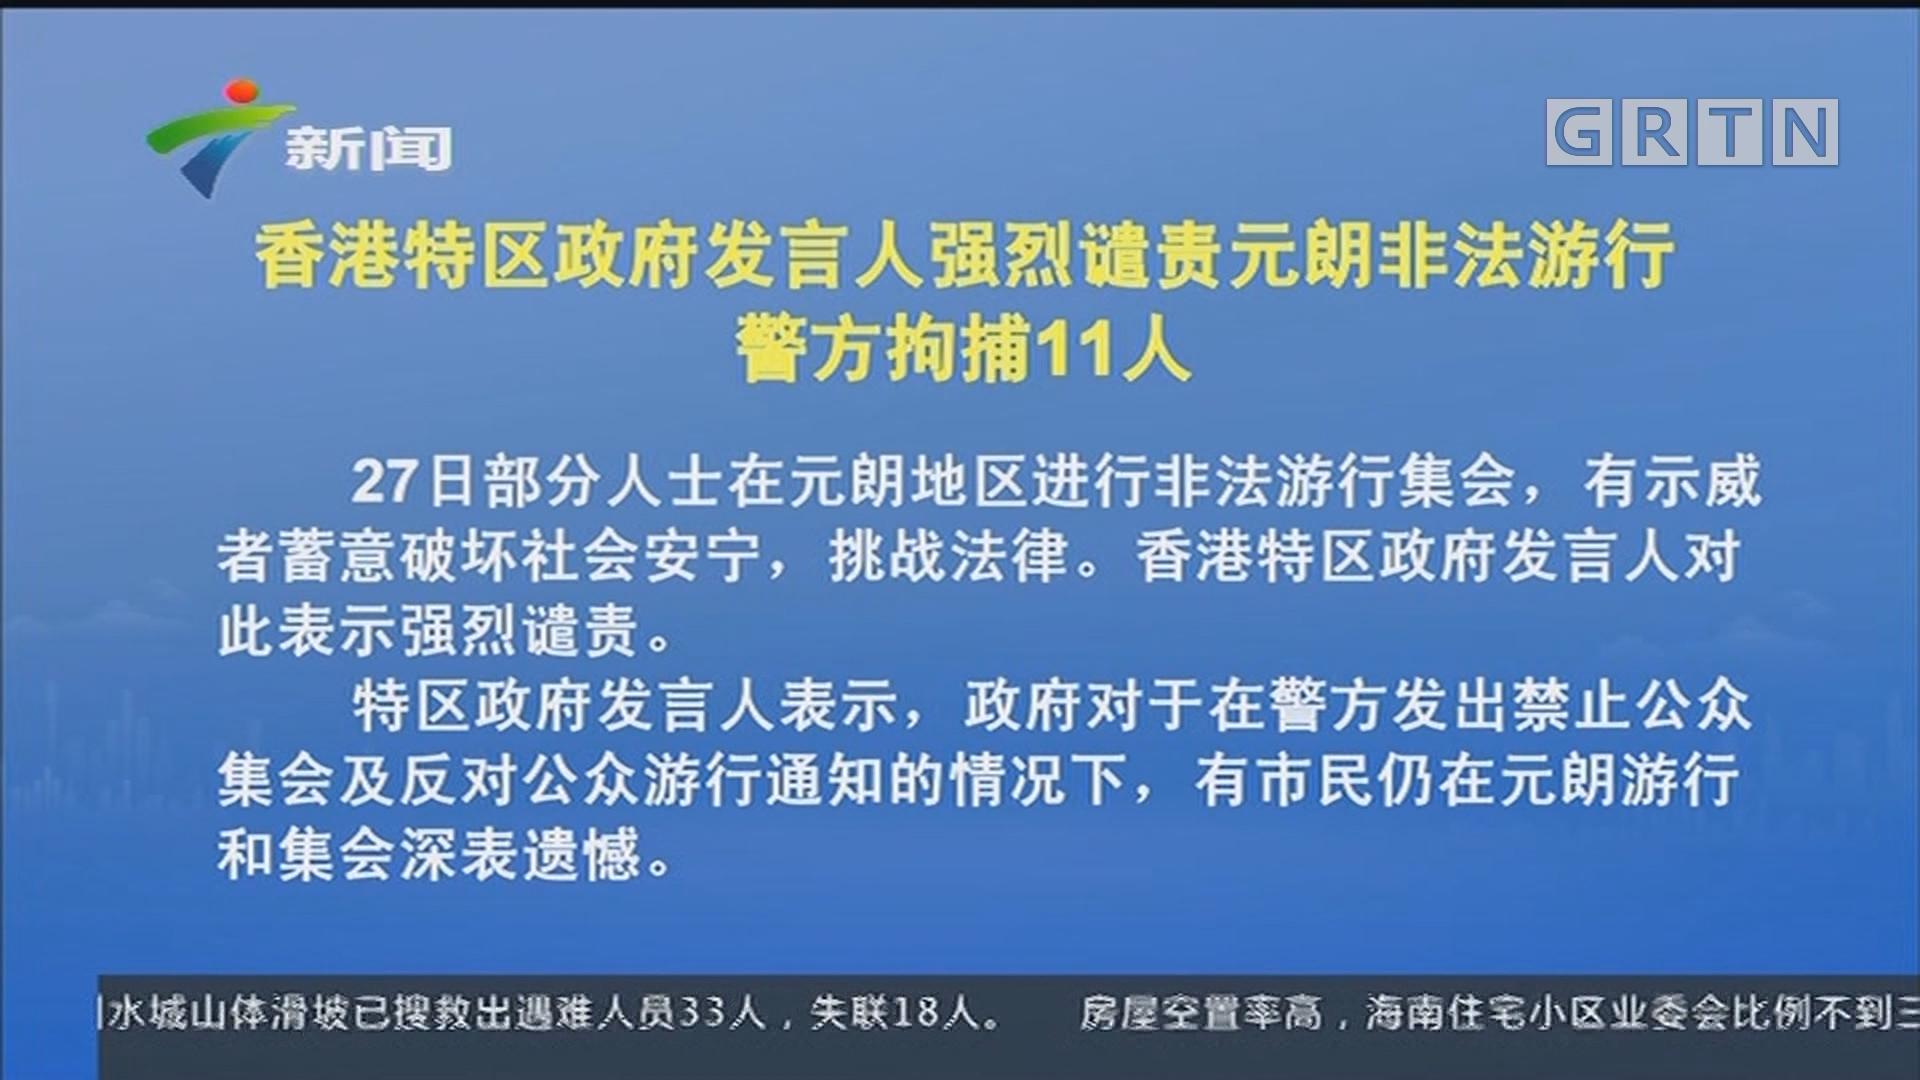 香港特区政府发言人强烈谴责元朗非法游行 警方拘捕11人